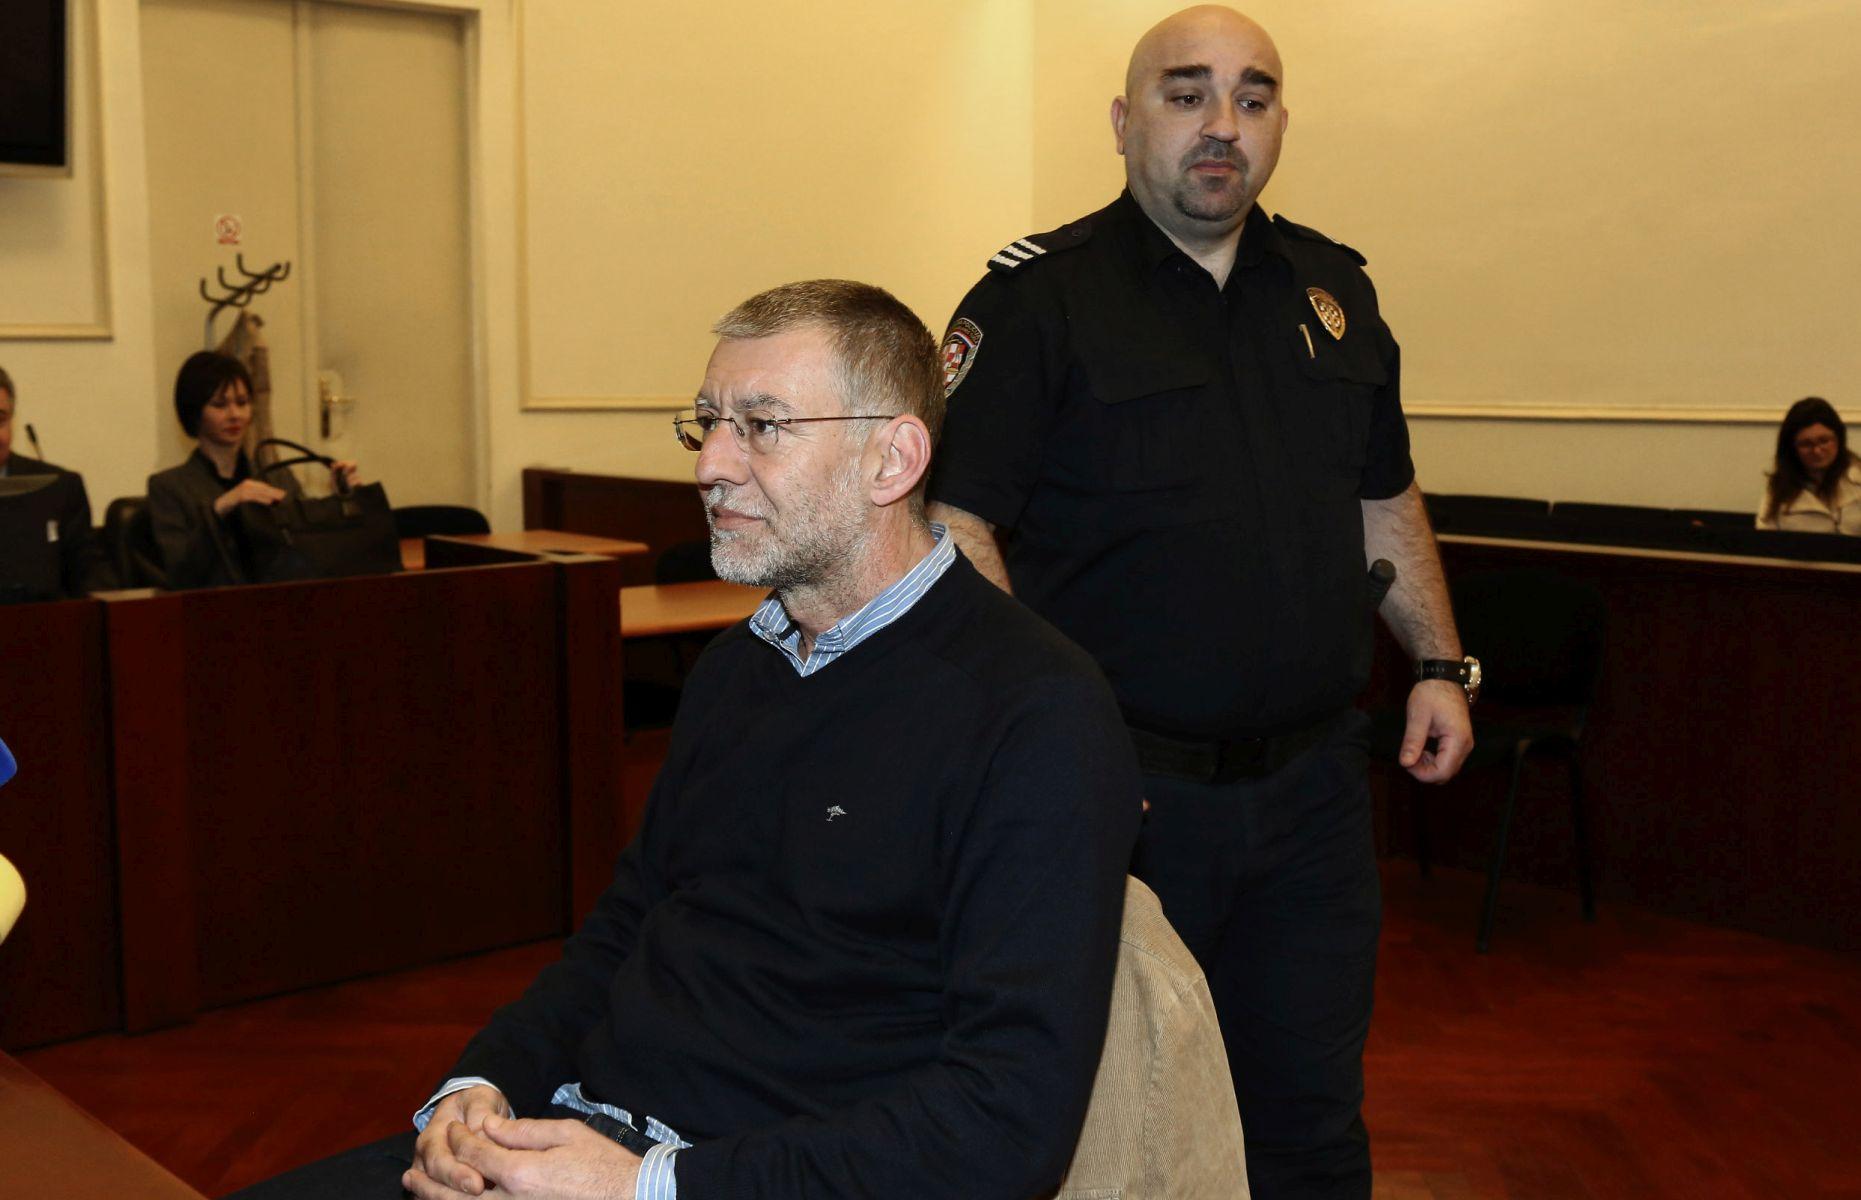 SUĐENJE VIDOŠEVIĆU Premilovac posvjedočio da je za 'šutnju' tražio mito, ali nije bio zadovoljan ponuđenim